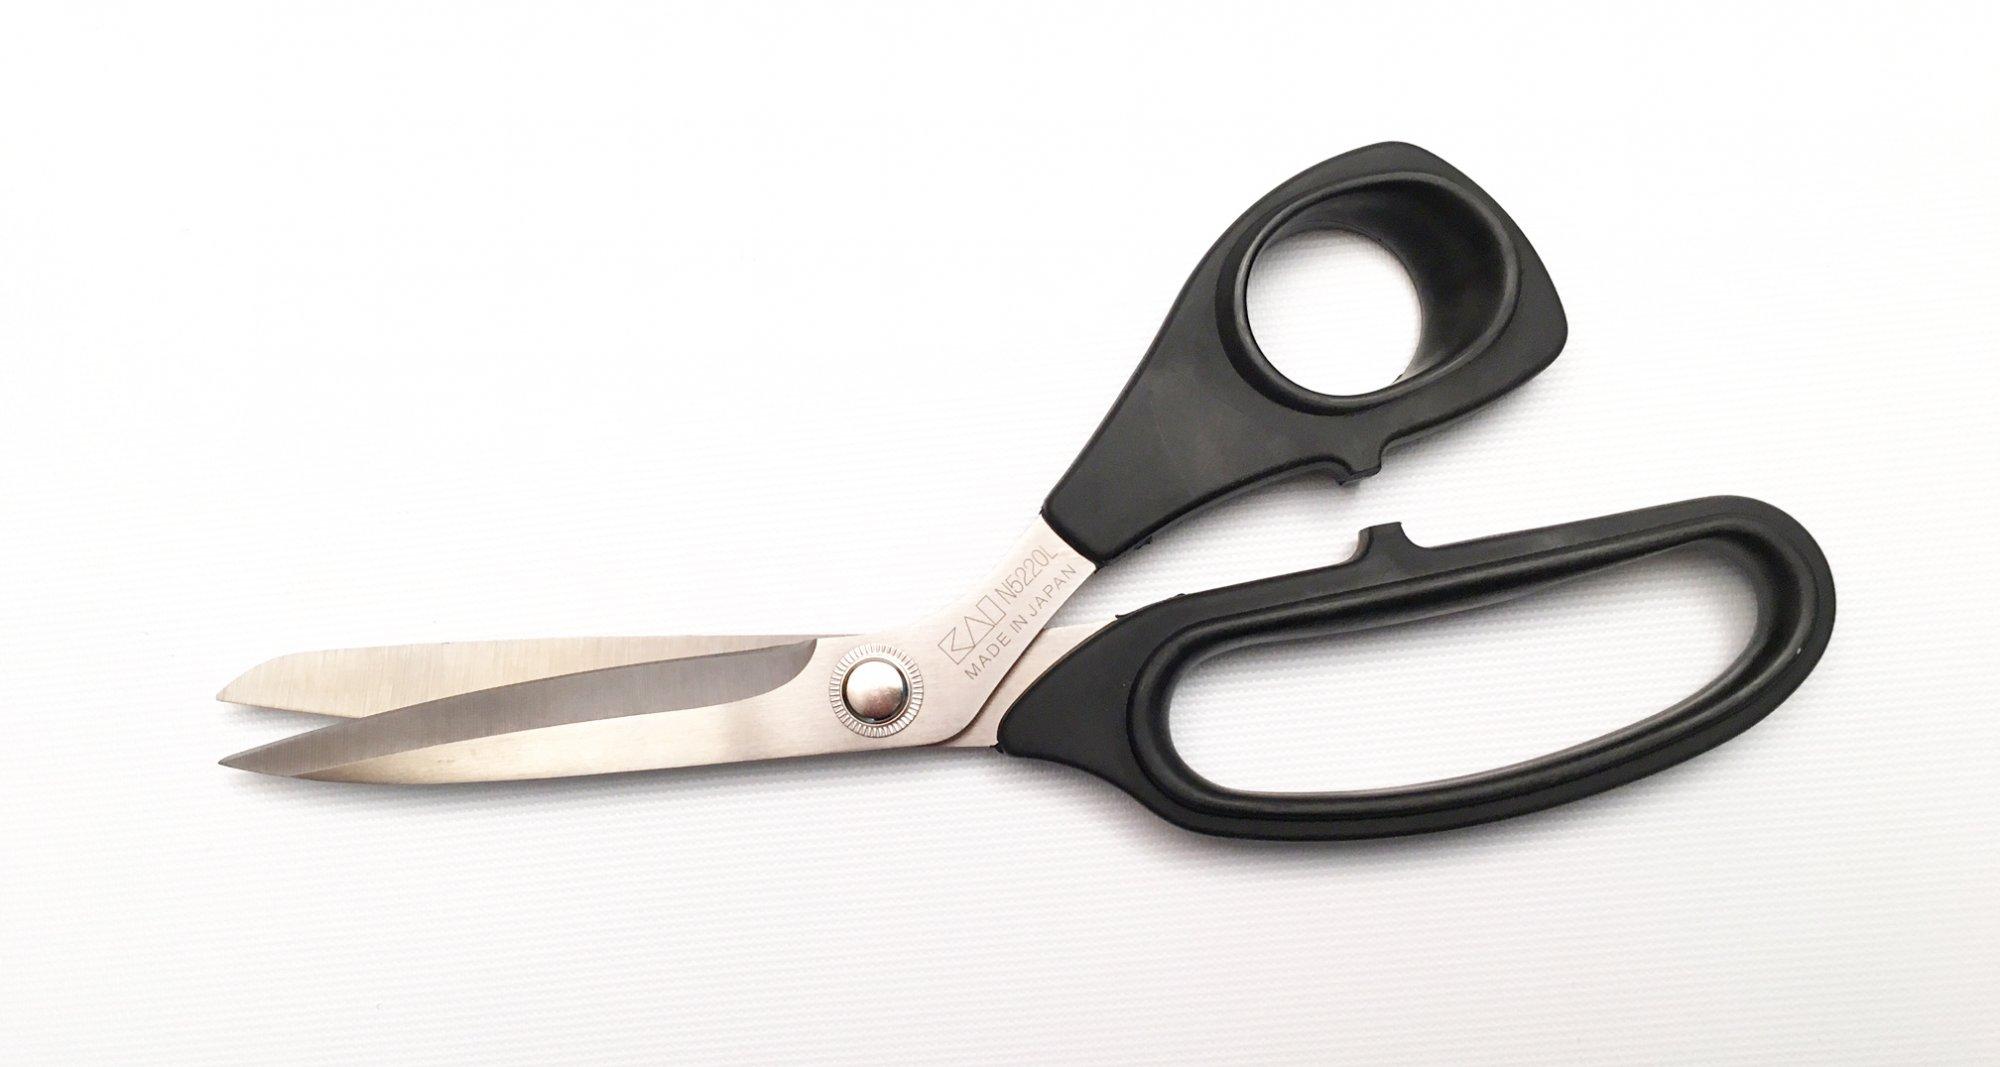 KAI Dressmaking Shears - 8 1/2 inch